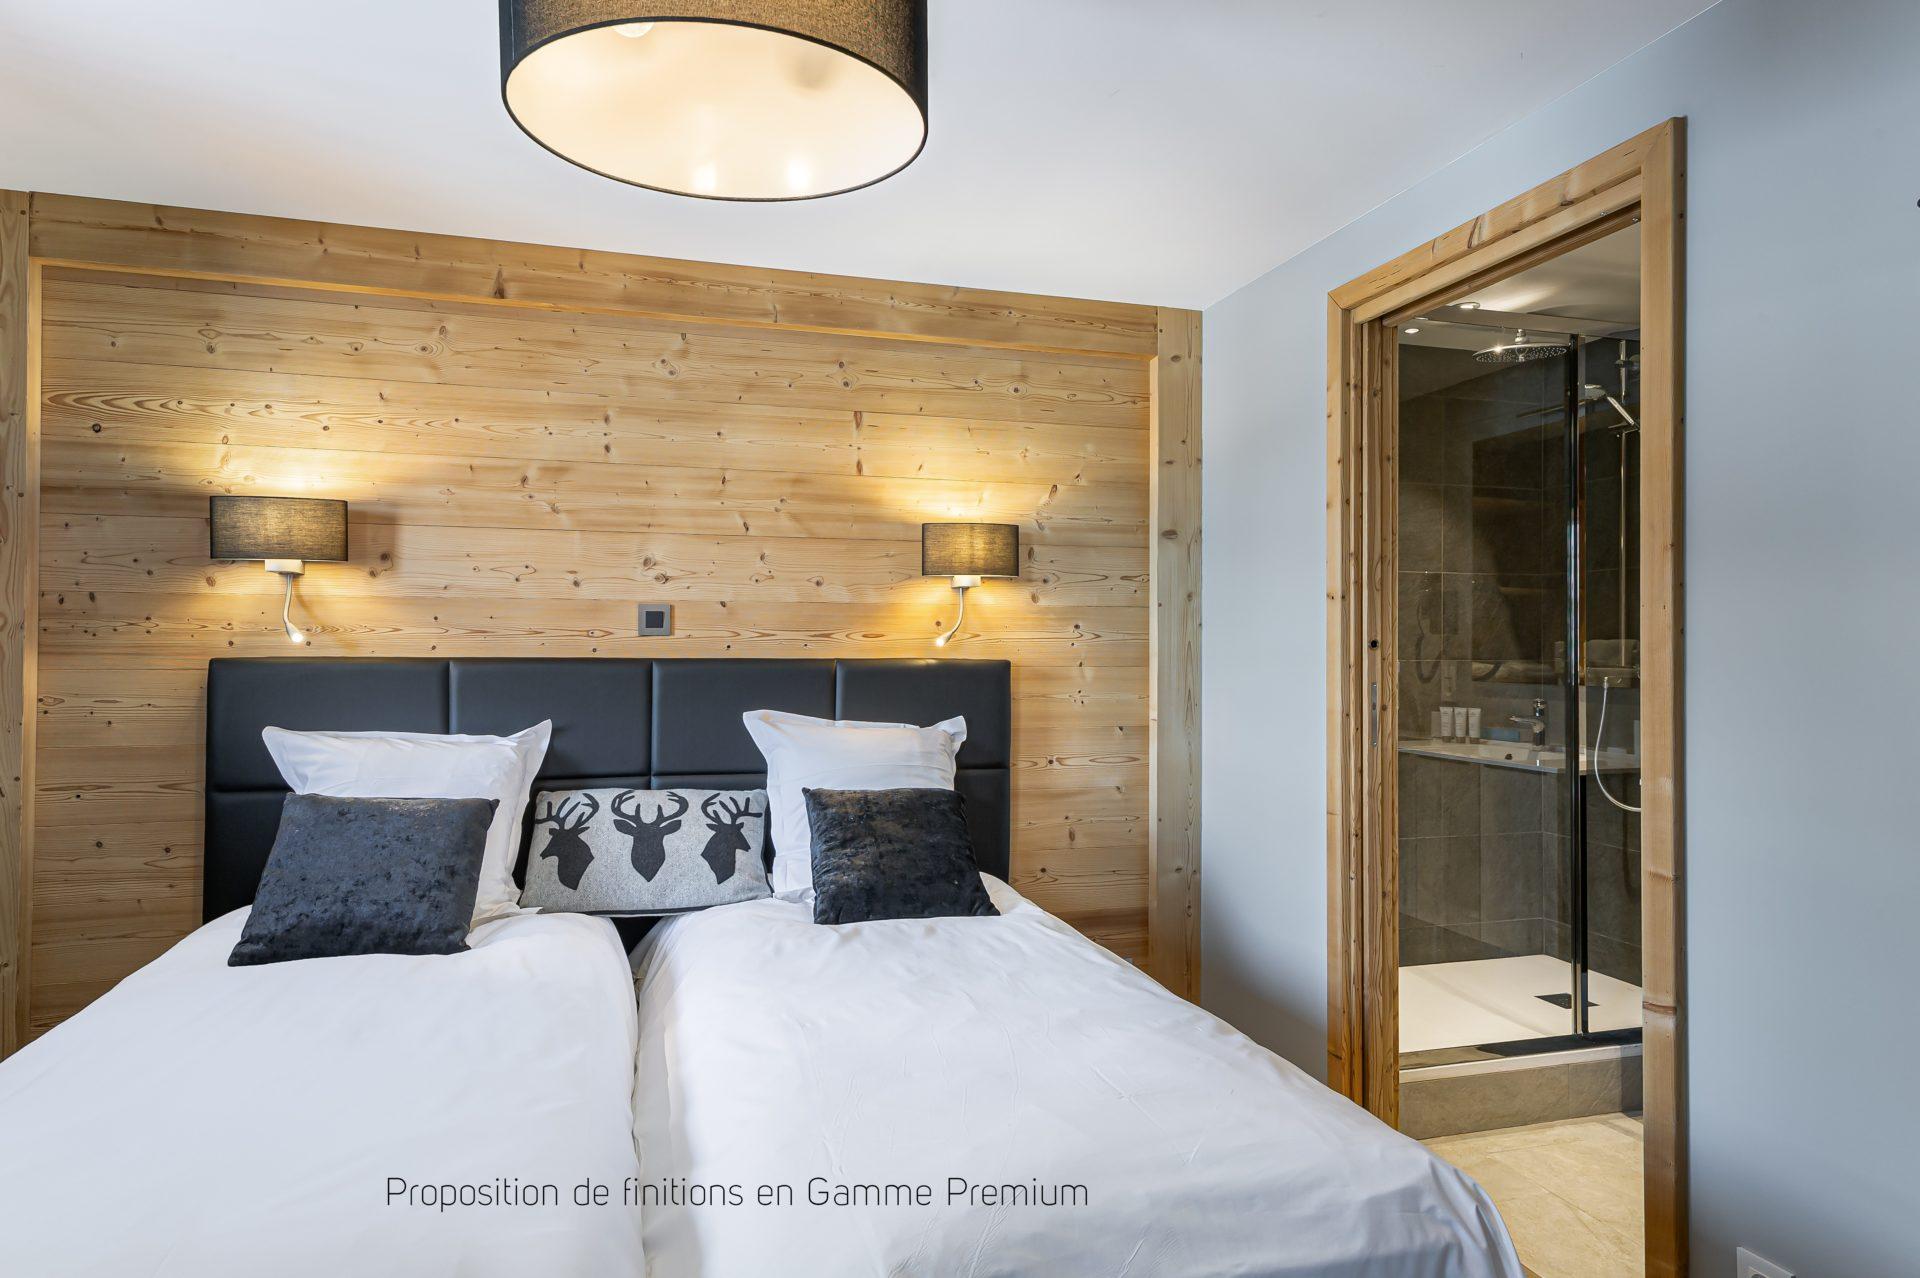 Trolles Prestige n°5 Gamme Premium Saint Martin de Belleville Savoie France